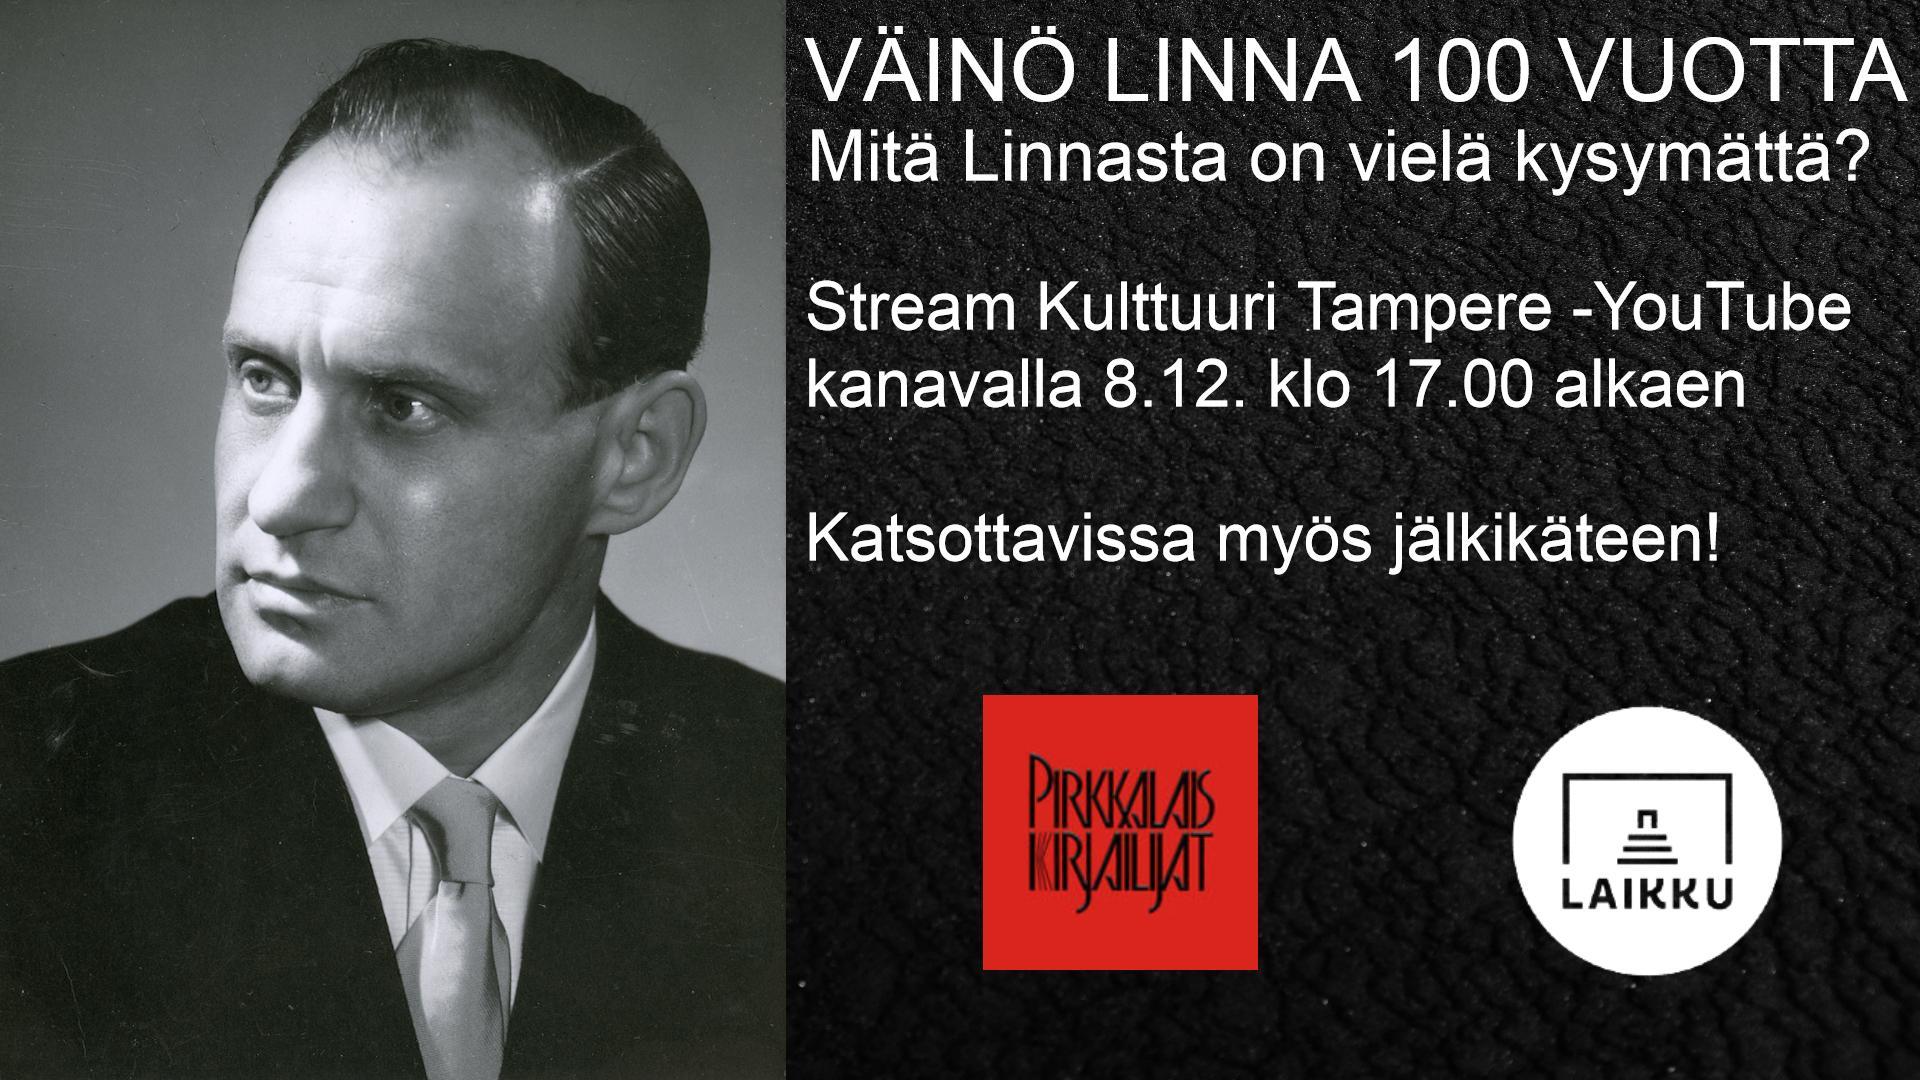 VERKKOTAPAHTUMA: Mitä Linnasta on vielä kysymättä? - Väinö Linna 100 vuotta